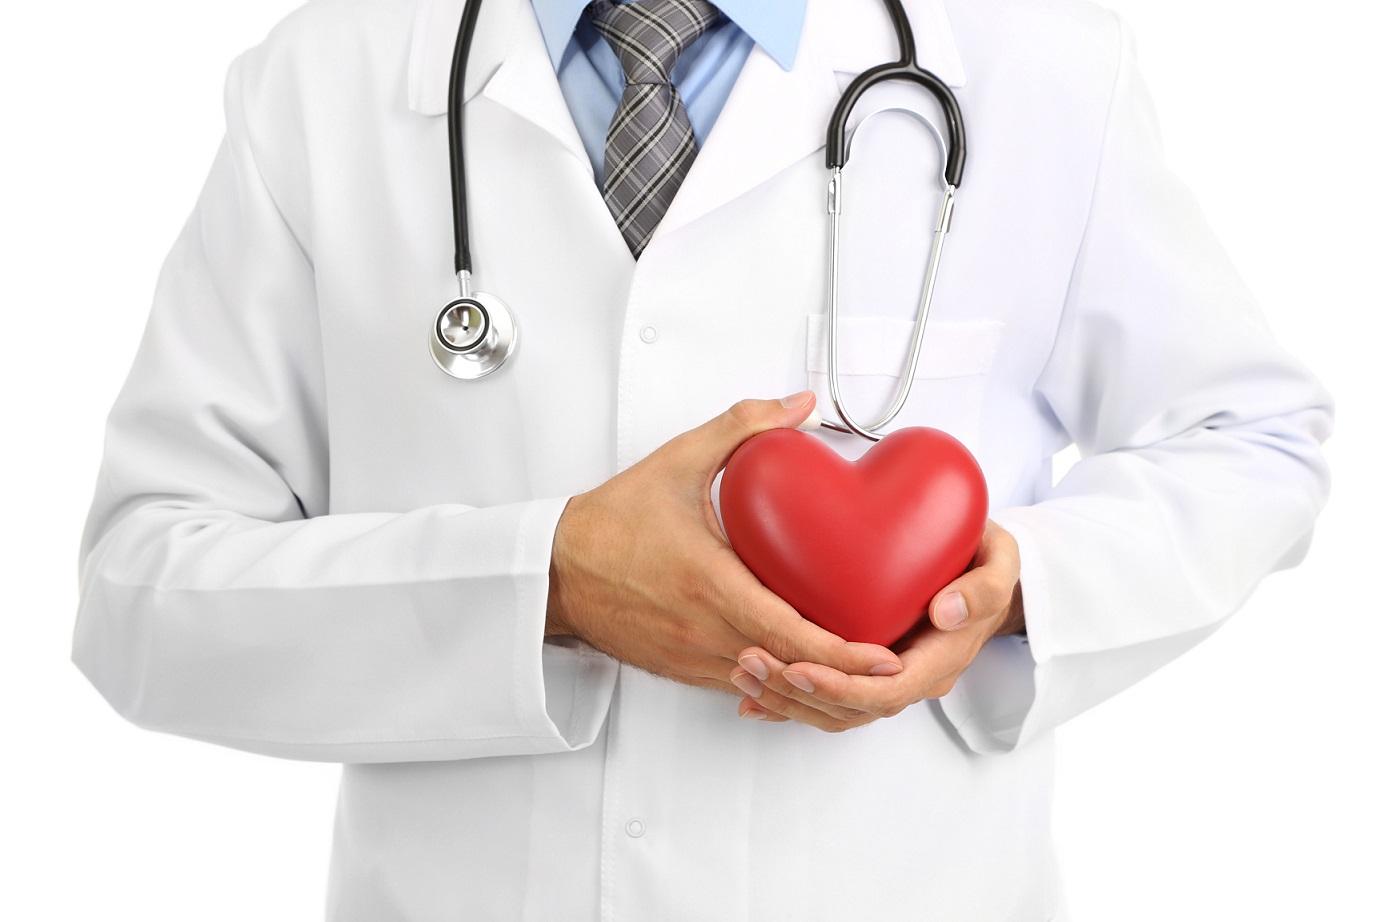 24-часовые дежурства, обычные для многих врачей, наносят ущерб сердцу иповышают уровень кортизола, гормона стресса.